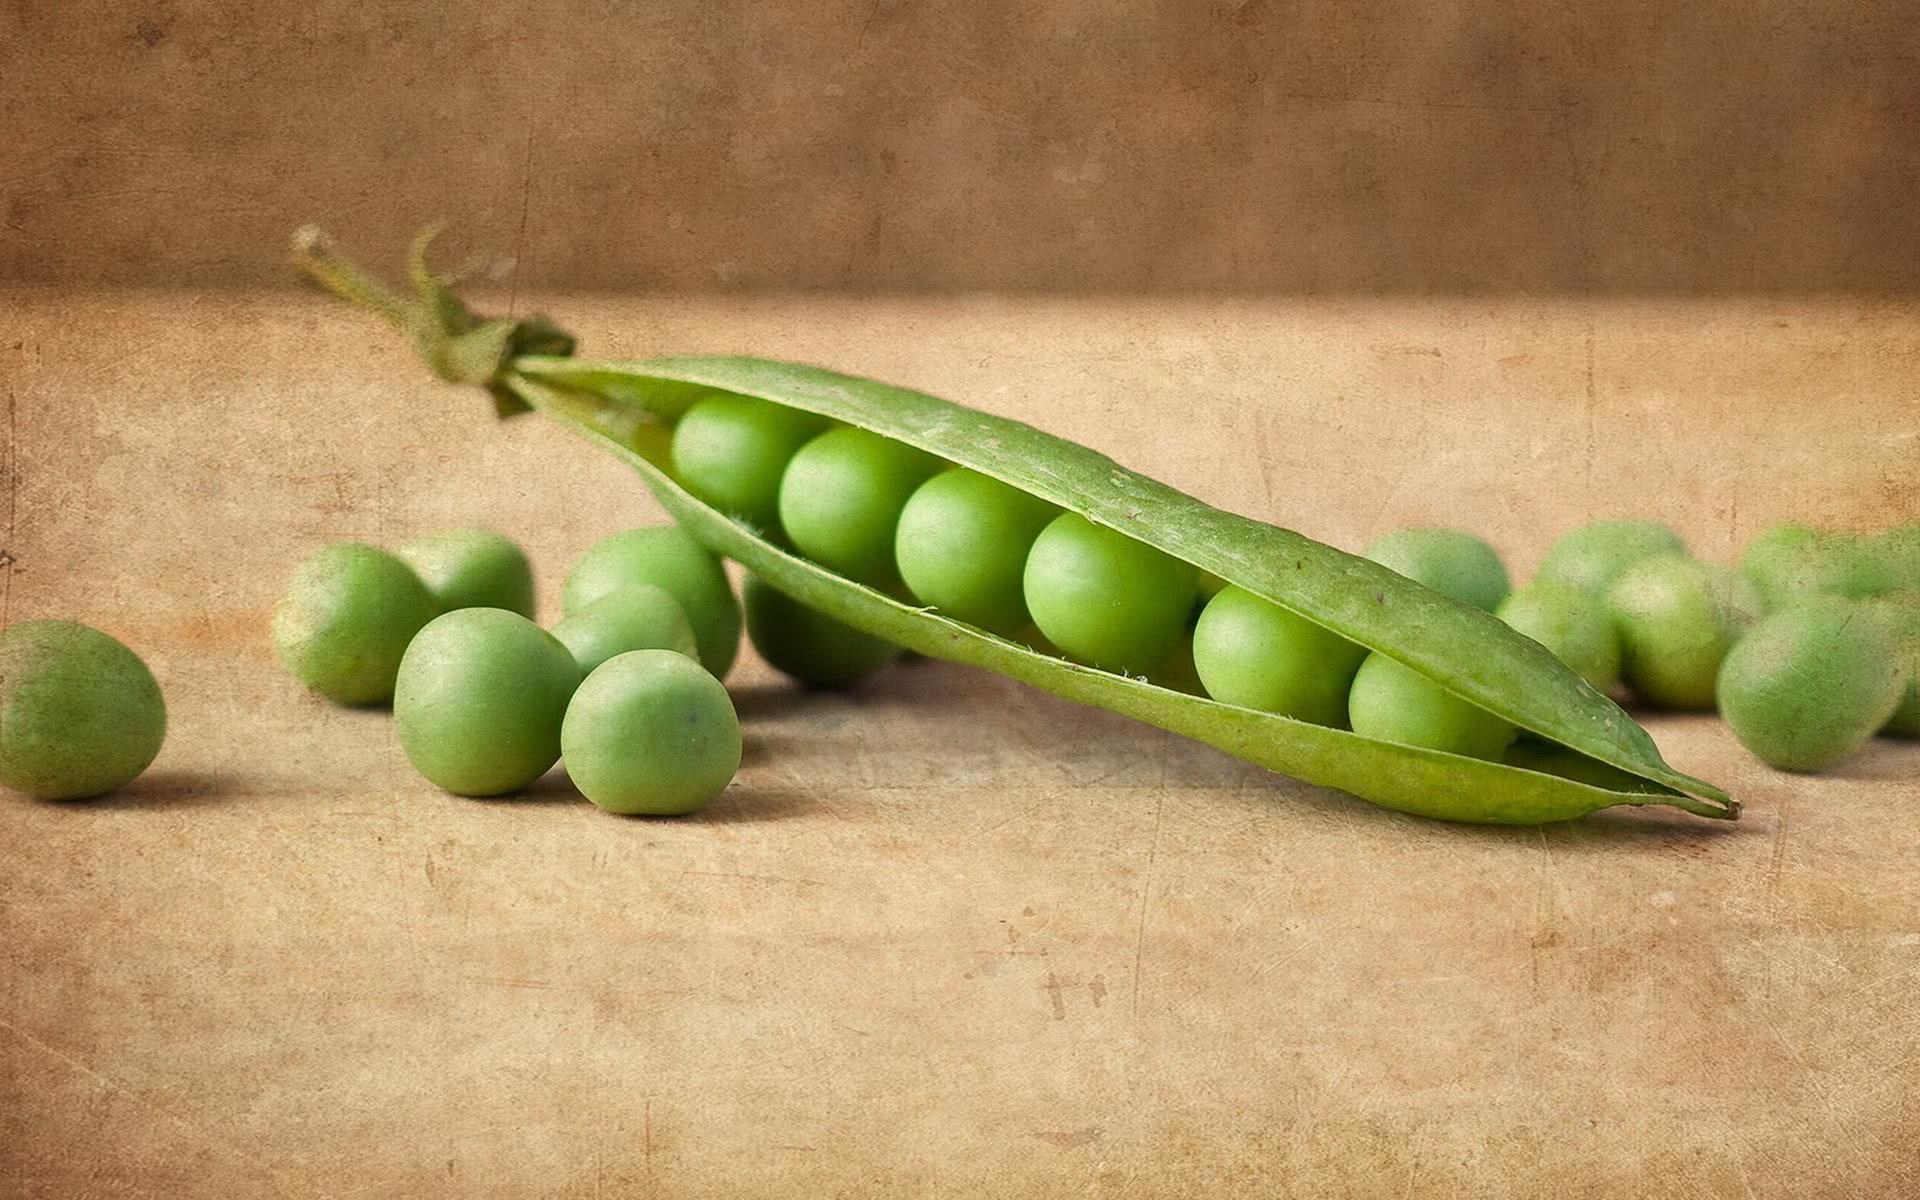 50岁的你想要长寿?不妨常吃葡萄和这2种食物,抗衰老还养颜